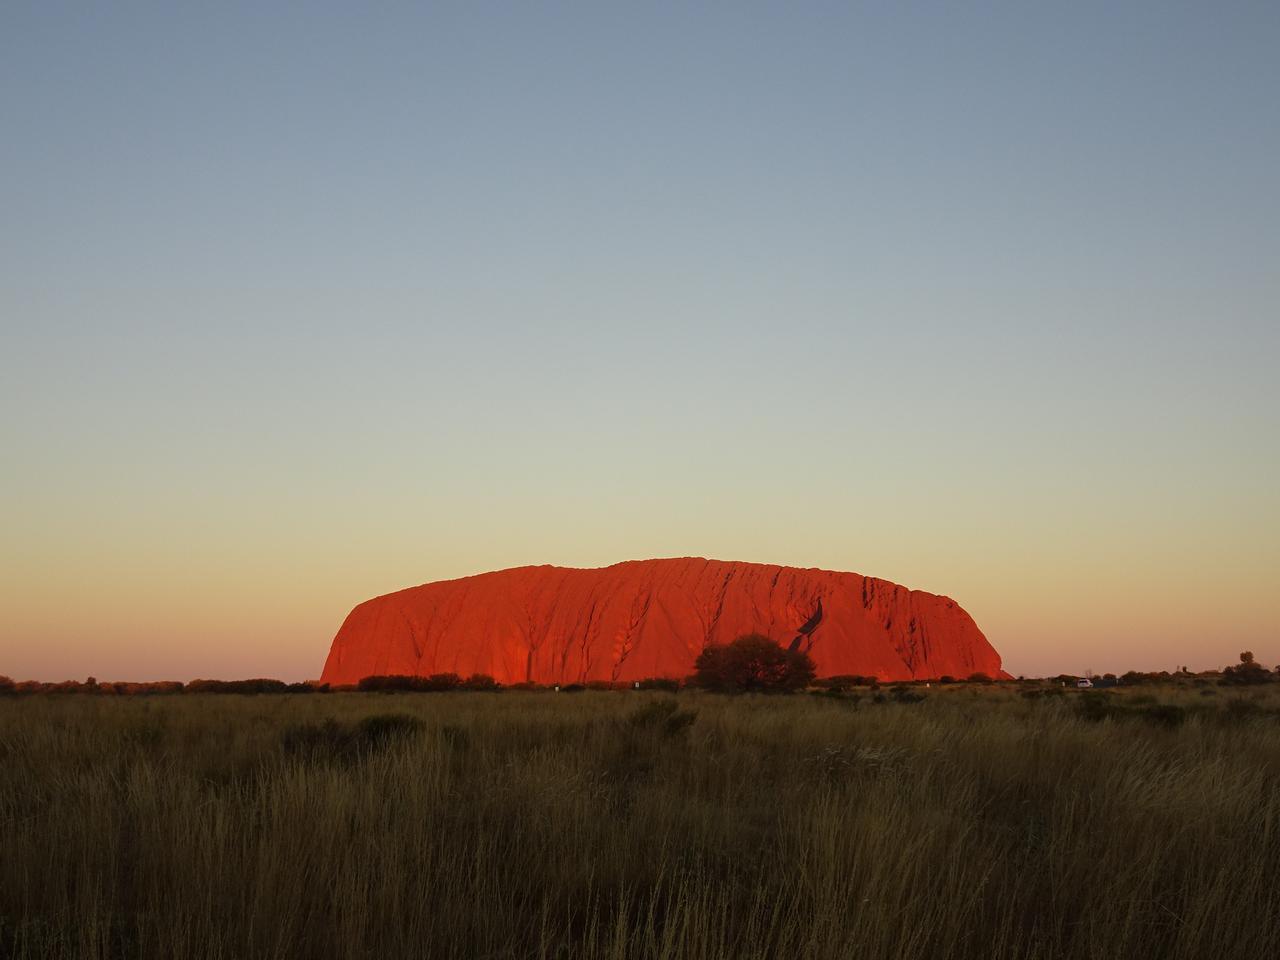 画像: 夕日に照らされ燃えるような赤に染まるエアーズロック